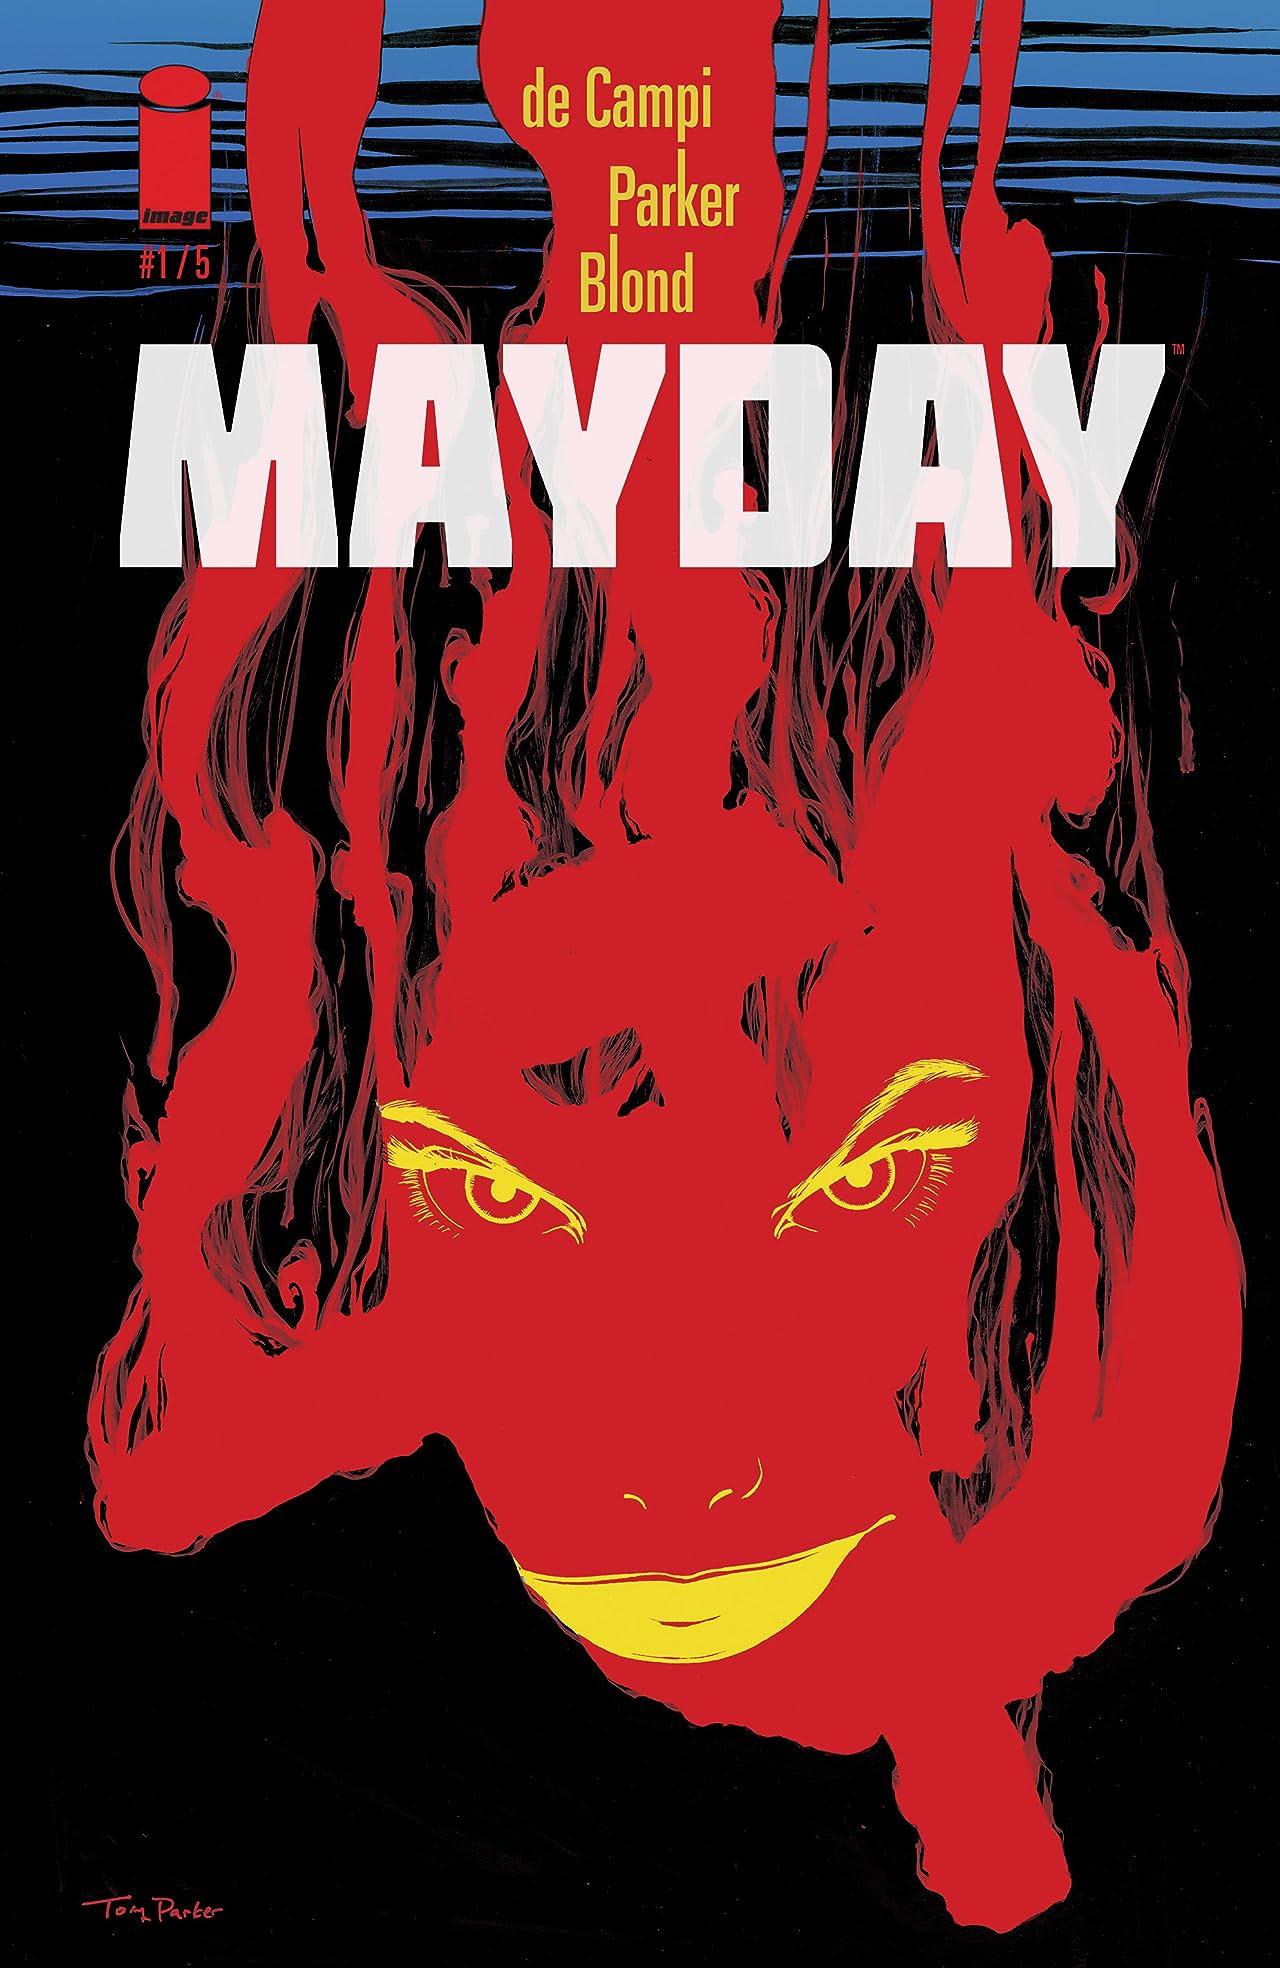 Mayday #1